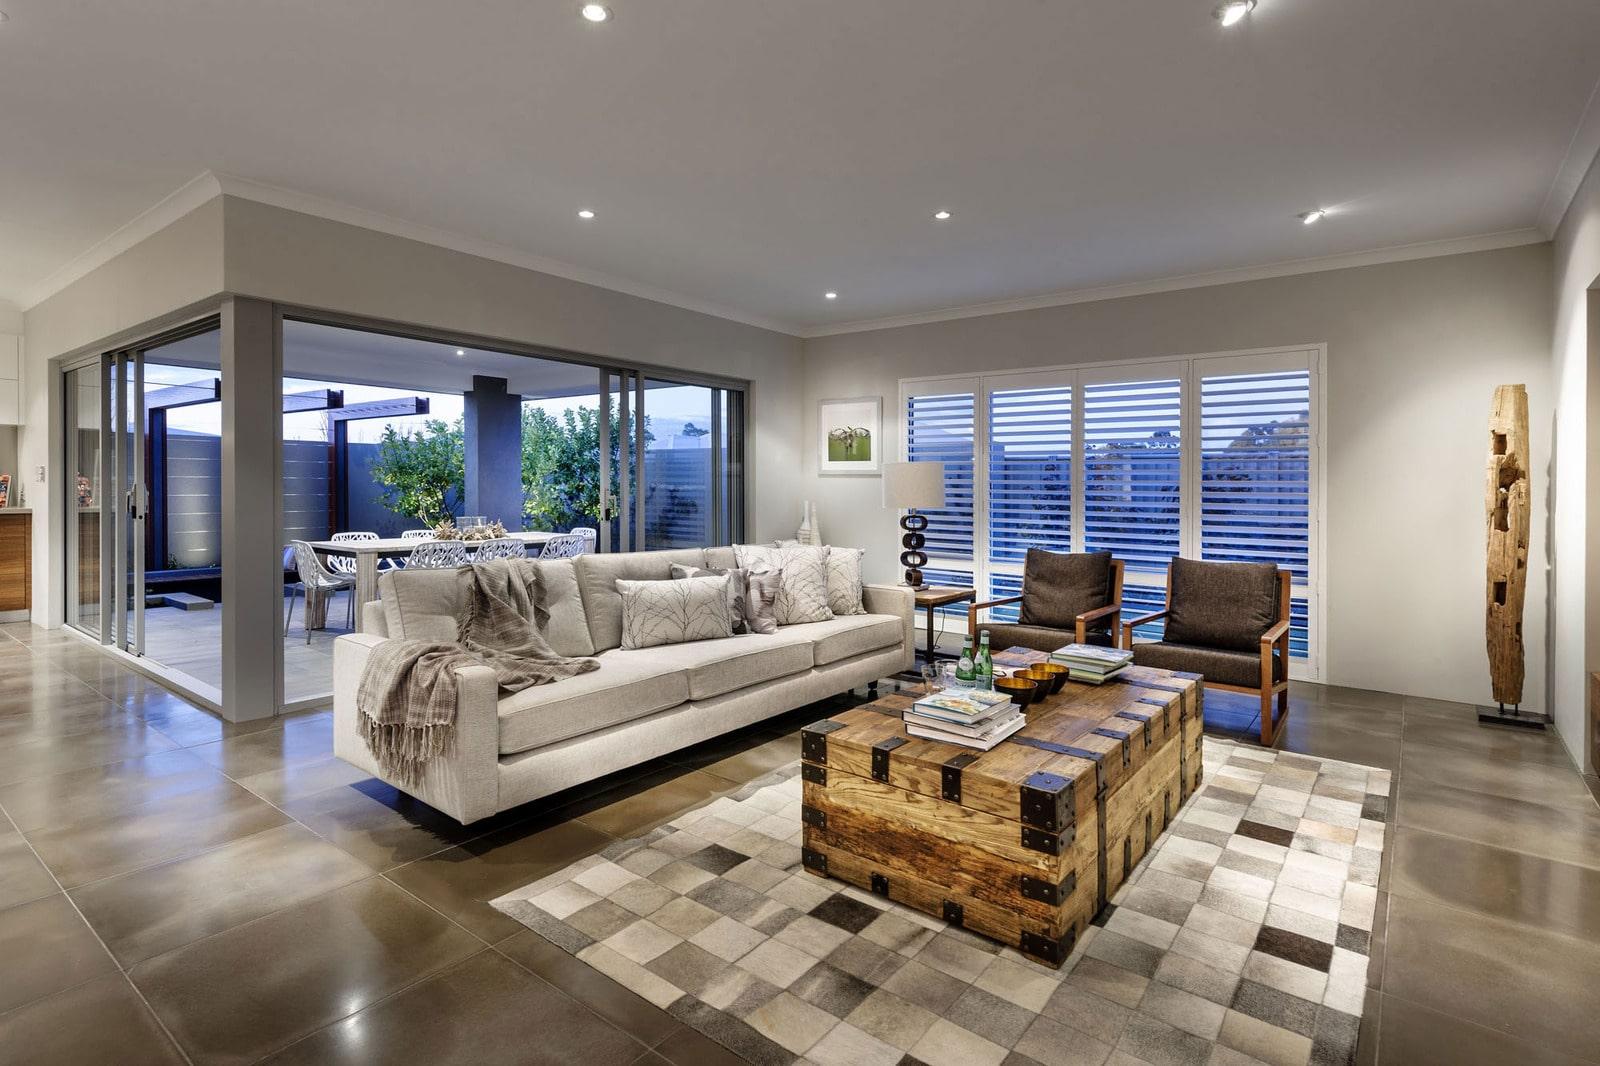 Diseño de casa moderna de dos pisos, fachada e interiores on Interiores De Casas Modernas  id=20010